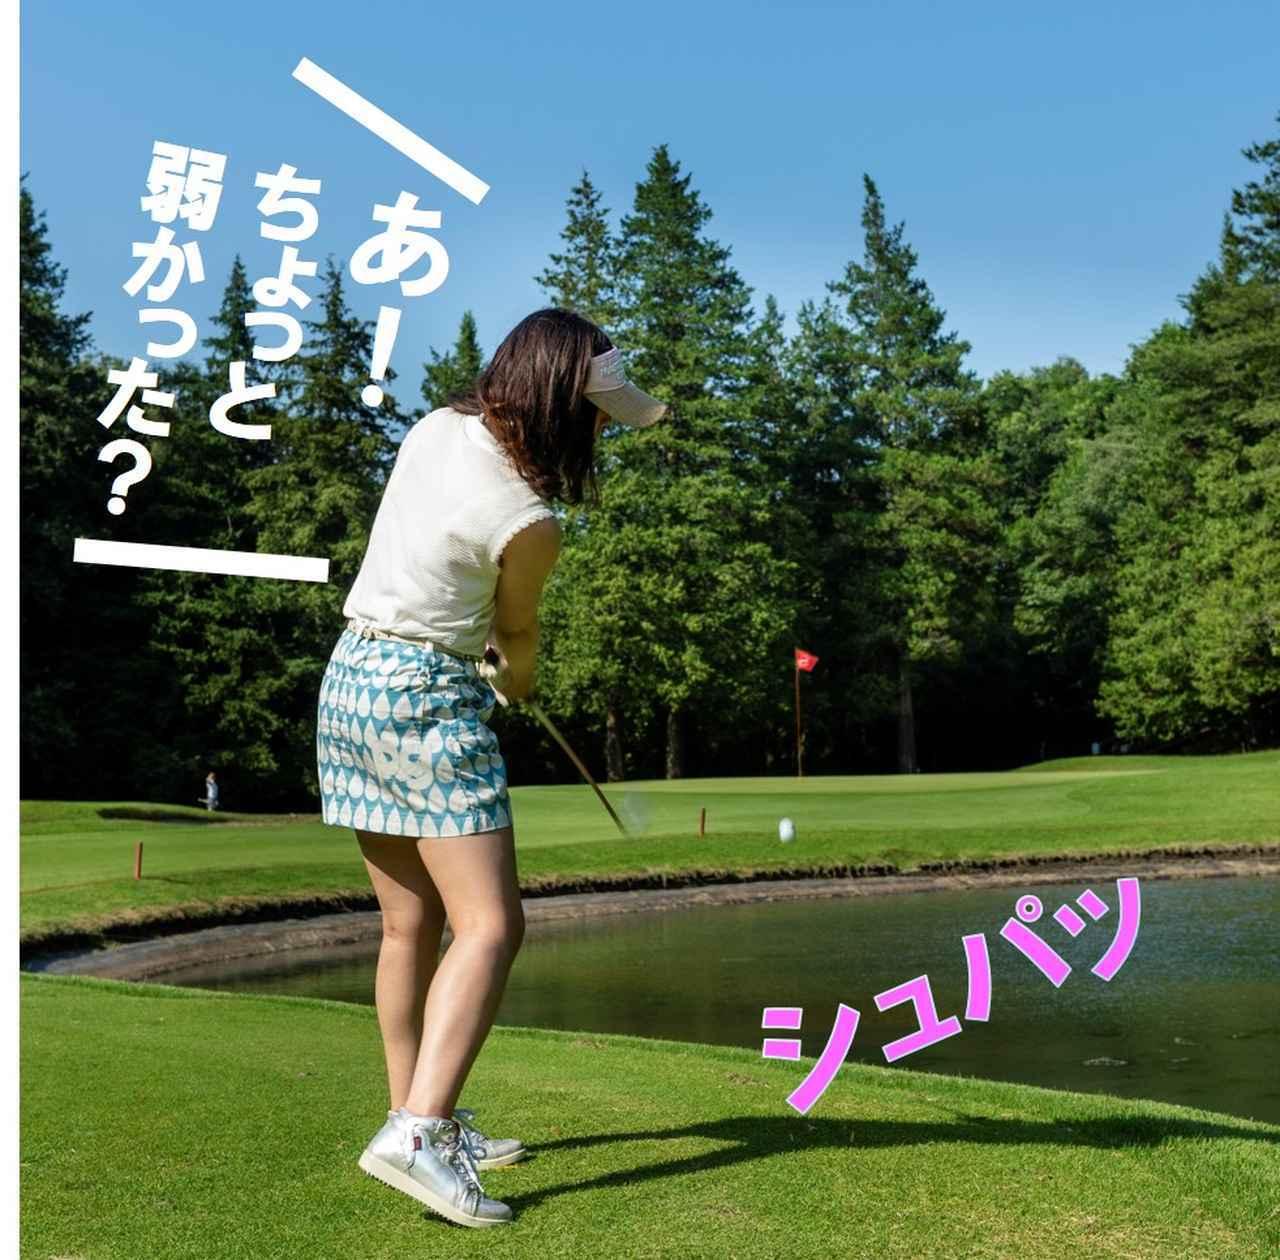 画像1: 【ルール】池を越えたのに、球が戻ってポチャ。どこにドロップして打ち直せばいい?